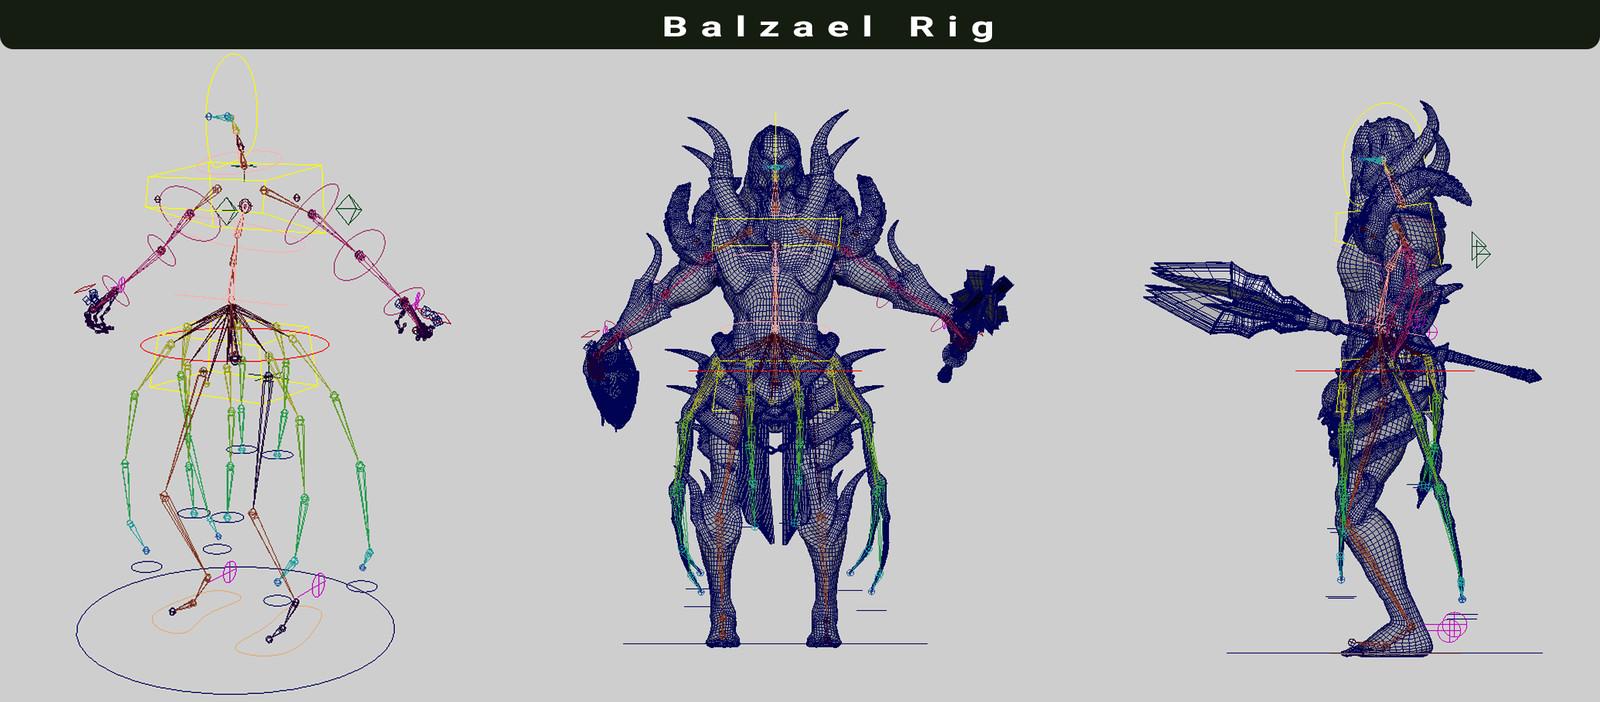 Balzael Rig